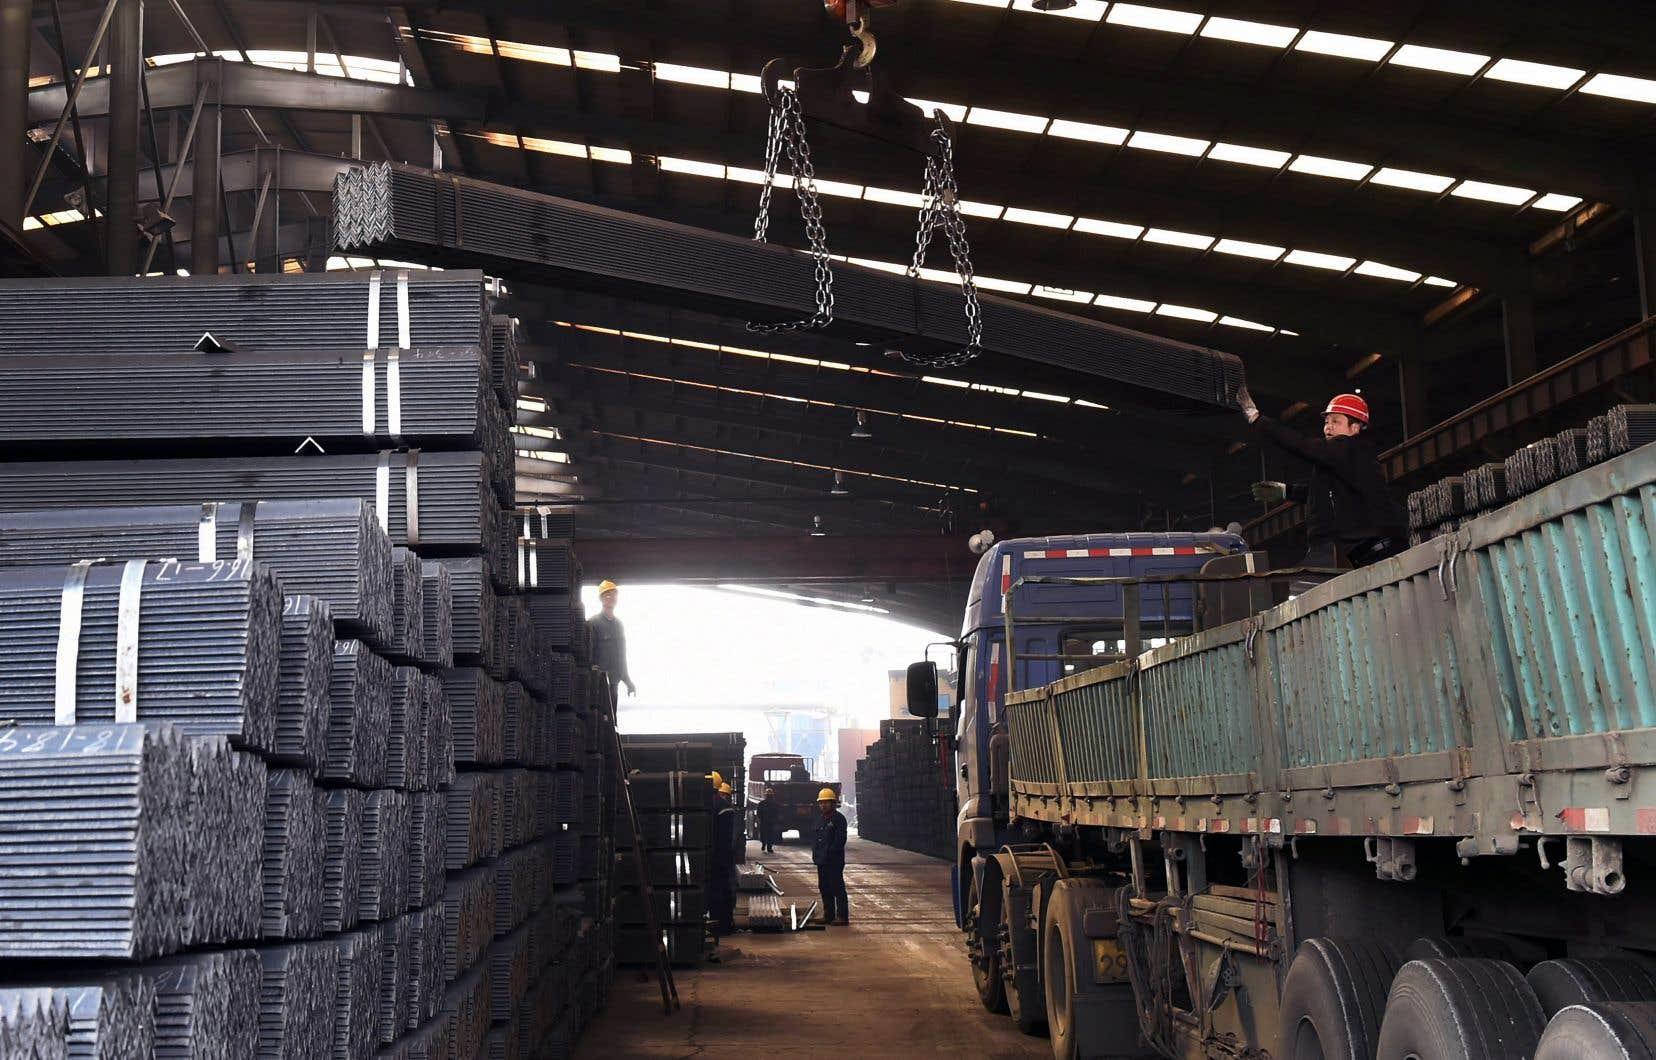 Le Canada s'est récemment fait l'écho des États-Unis en accusant la Chine de faire du «dumping» sur le marché mondial de l'aluminium et de l'acier.